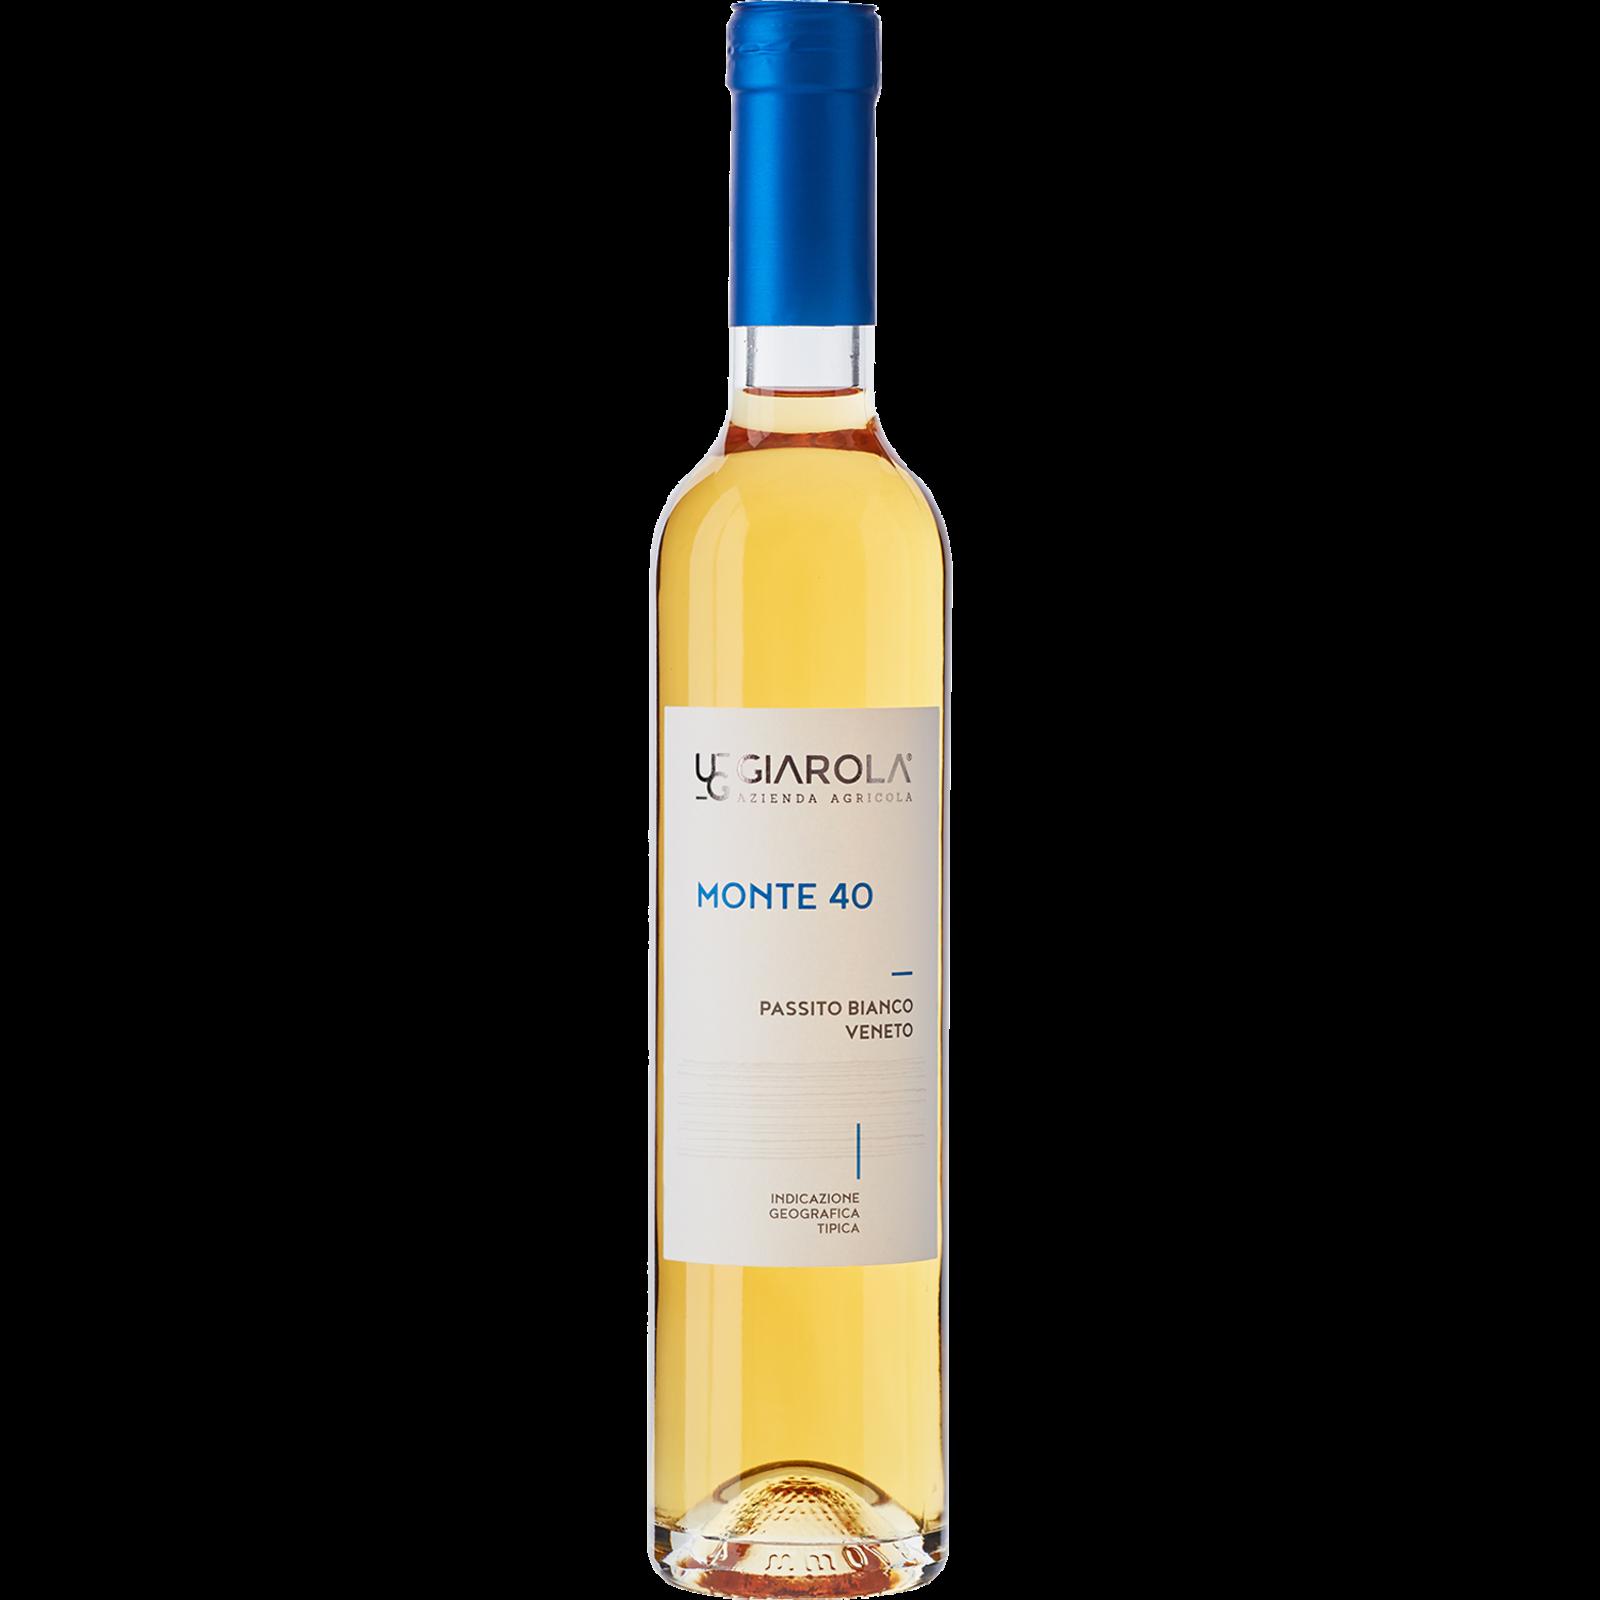 Vini Giarola Giarola Monte 40 Passito Bianco 2013